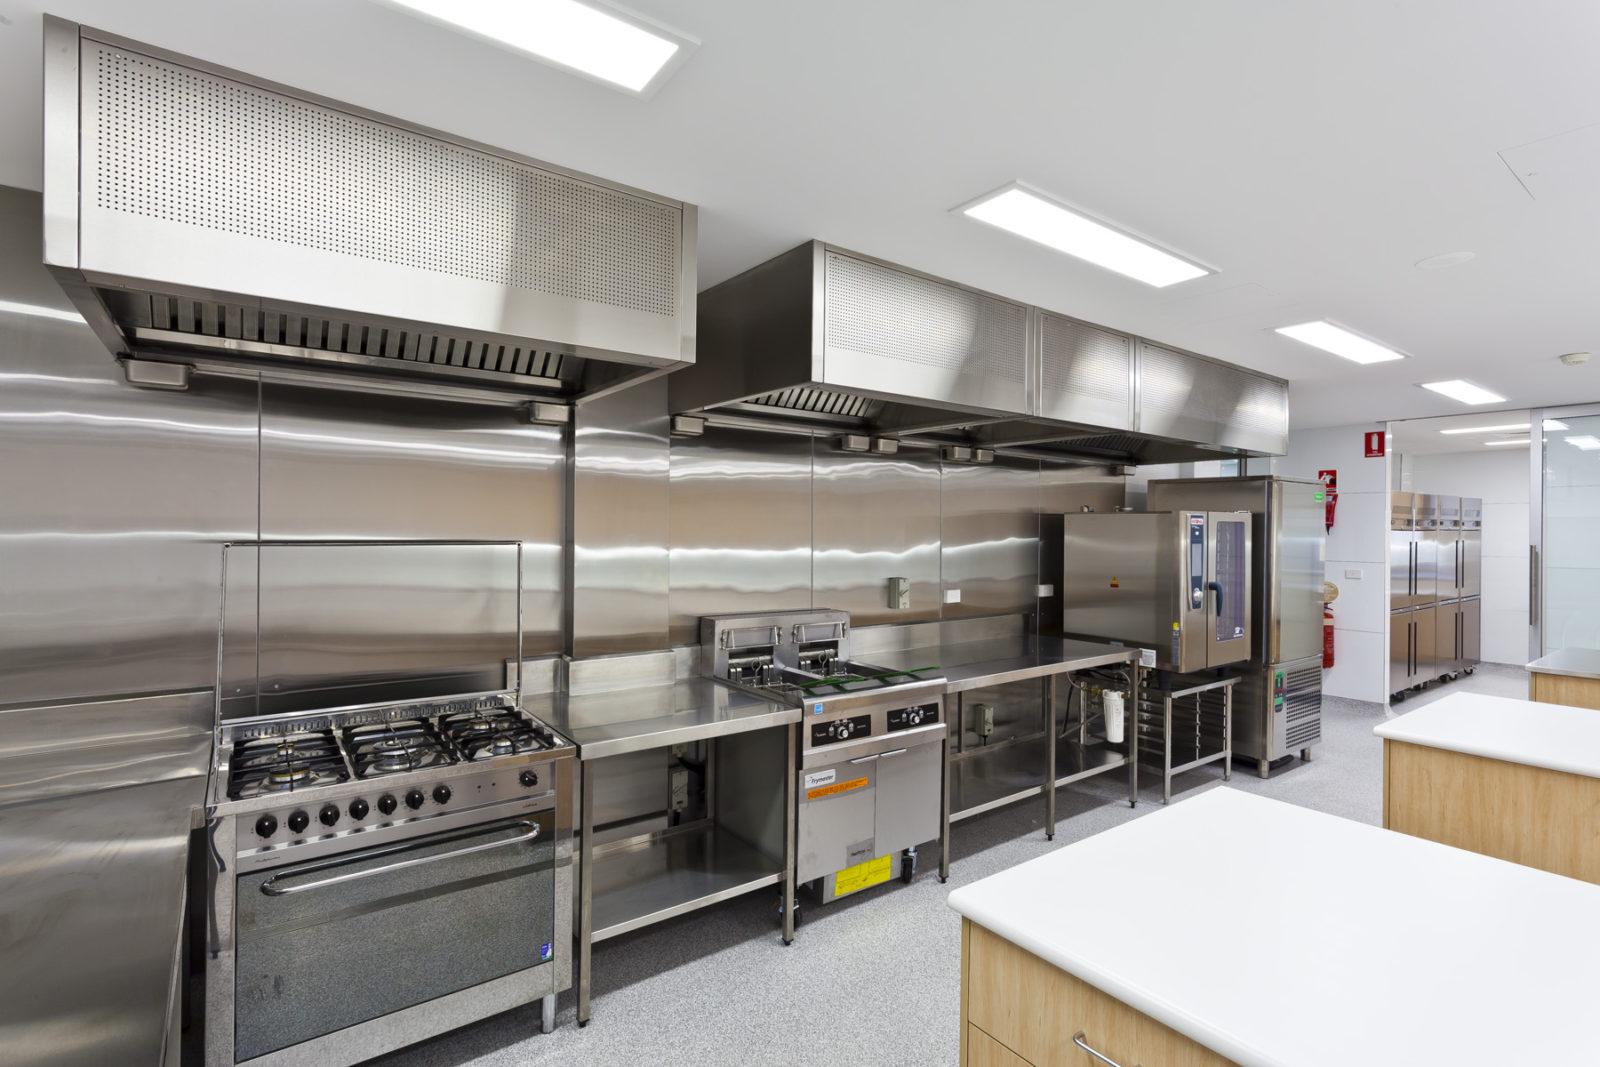 ventilatie bucatarie profesionala restaurant pret